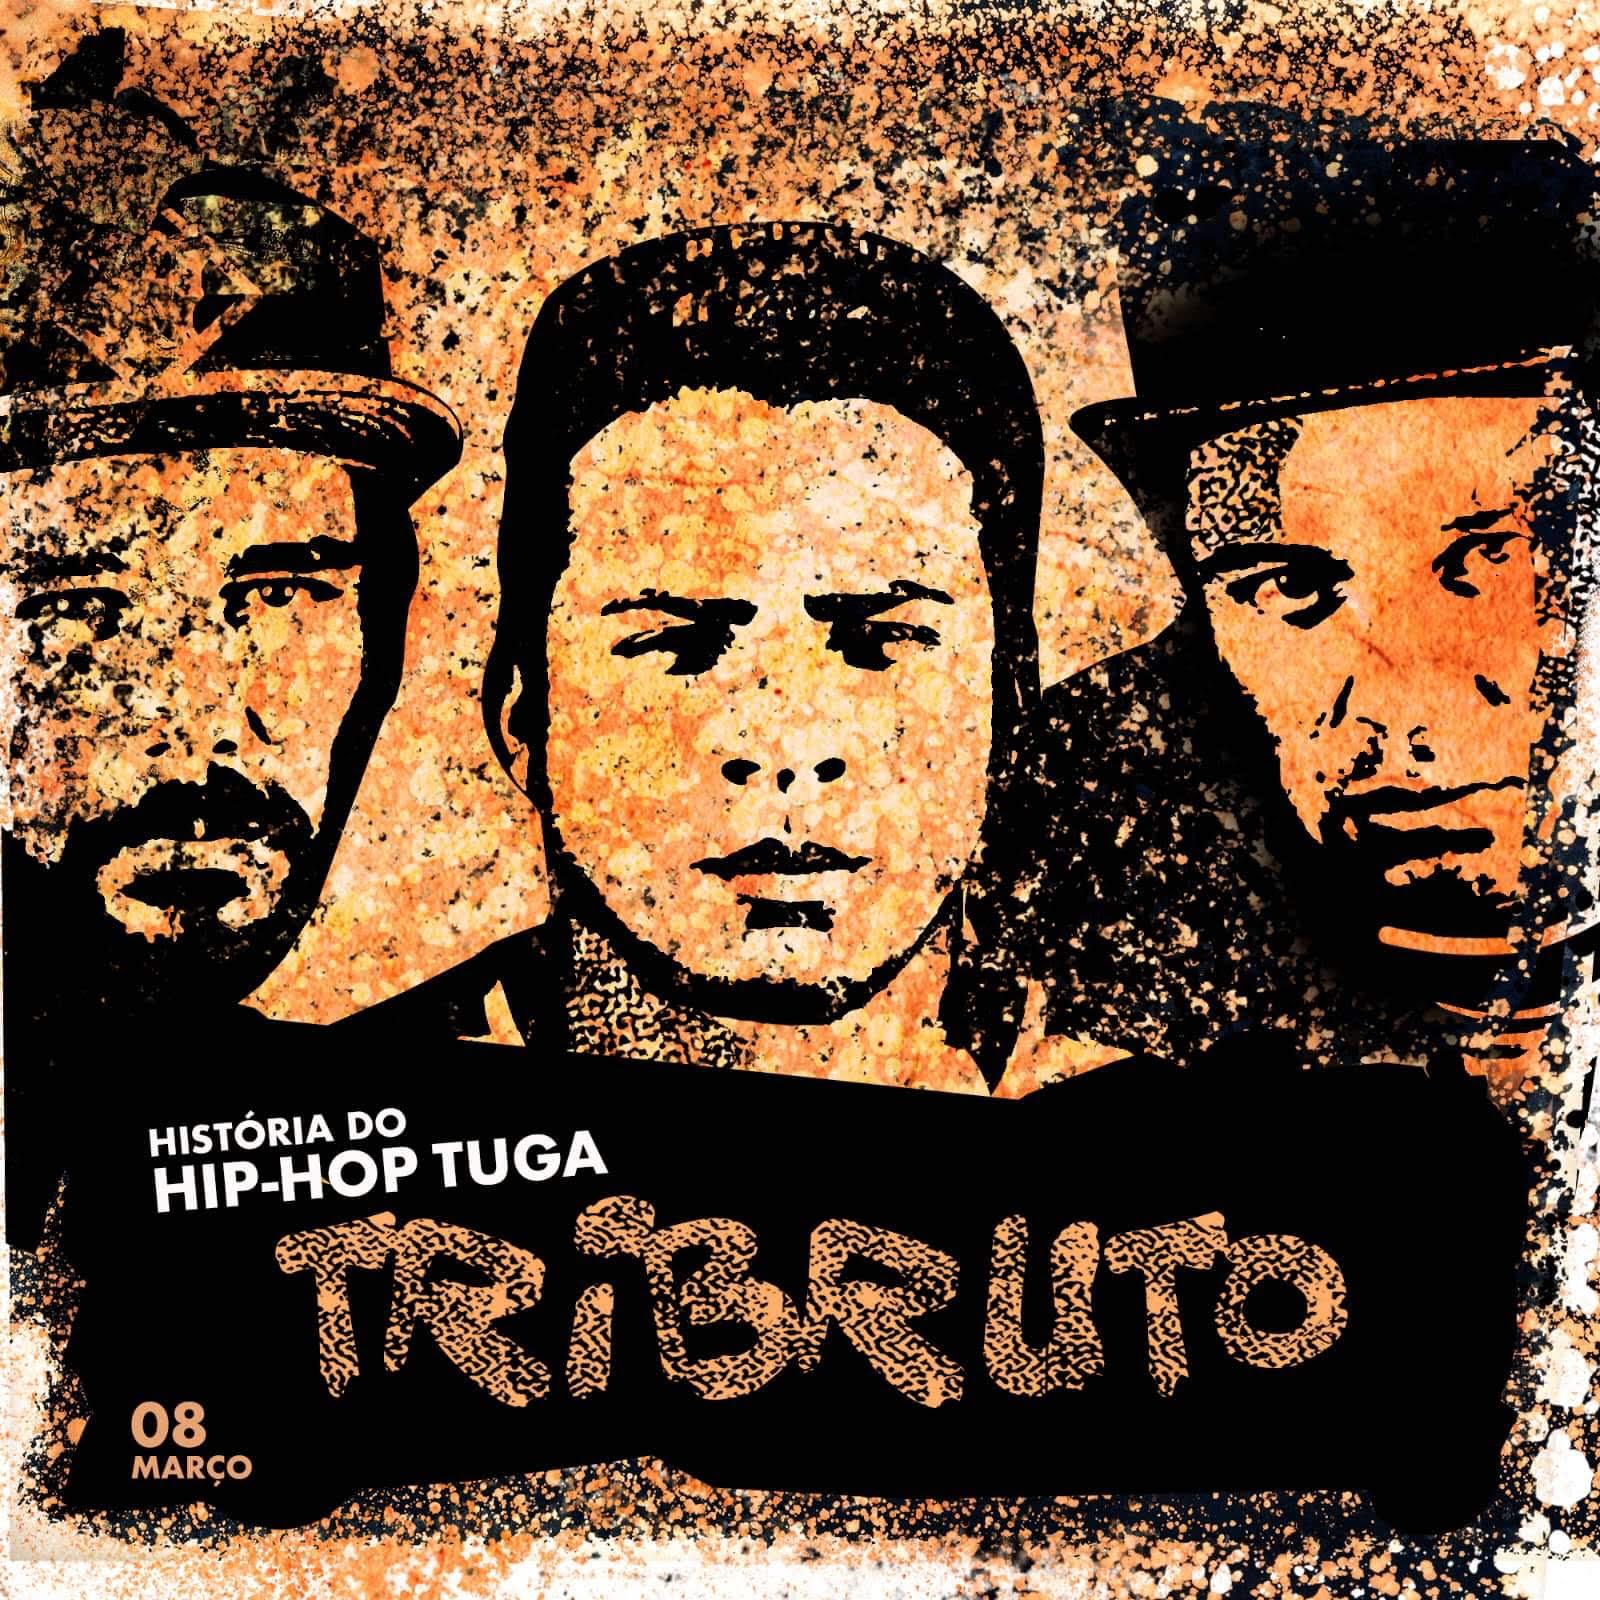 TRIBRUTO @ A História do Hip-Hop Tuga (Altice Arena)